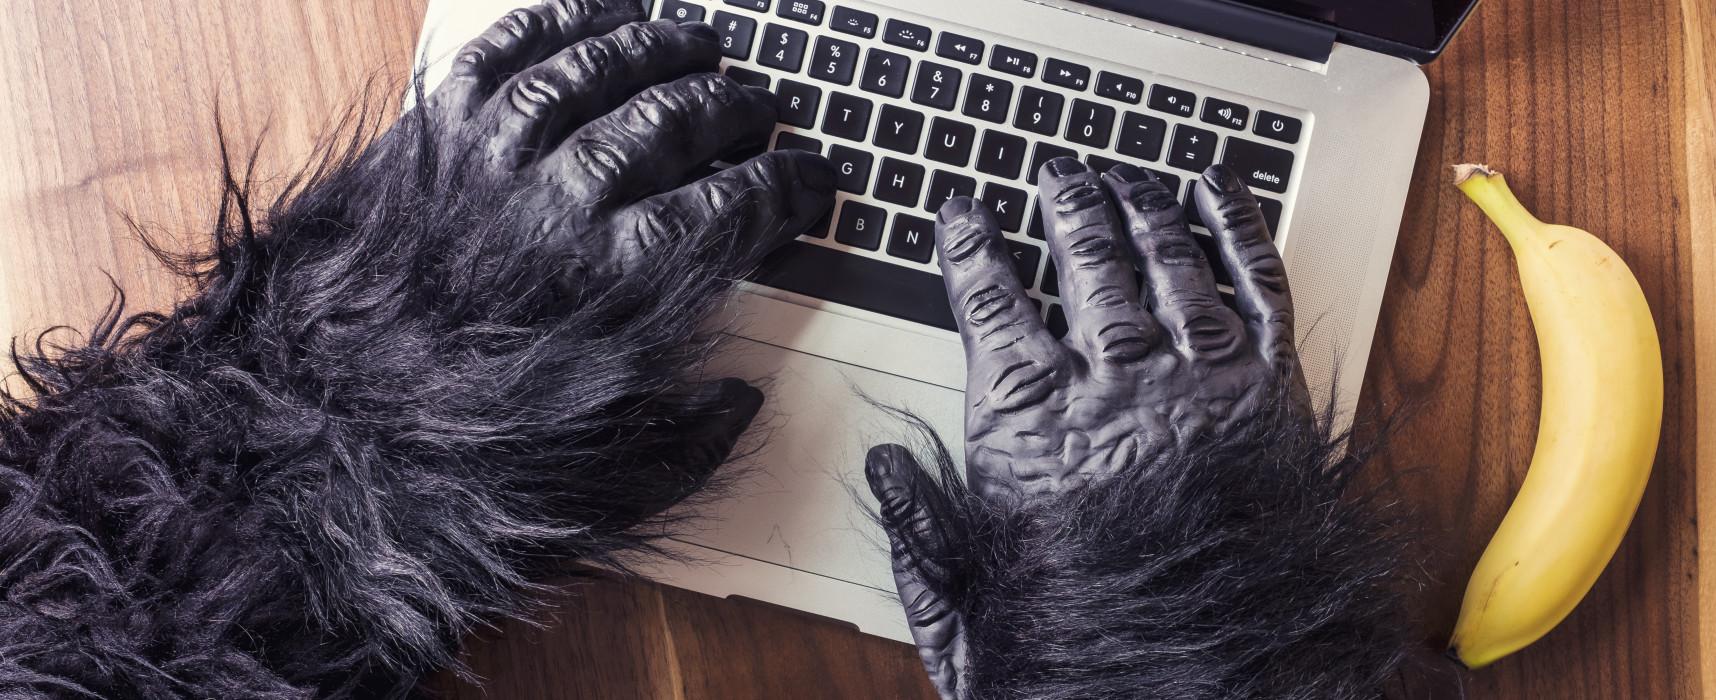 """CESCOT: """"WebSeller"""" corso GRATUITO di certificazione competenze WEBMARKETING/E-COMMERCE rivolto a DISOCCUPATI"""